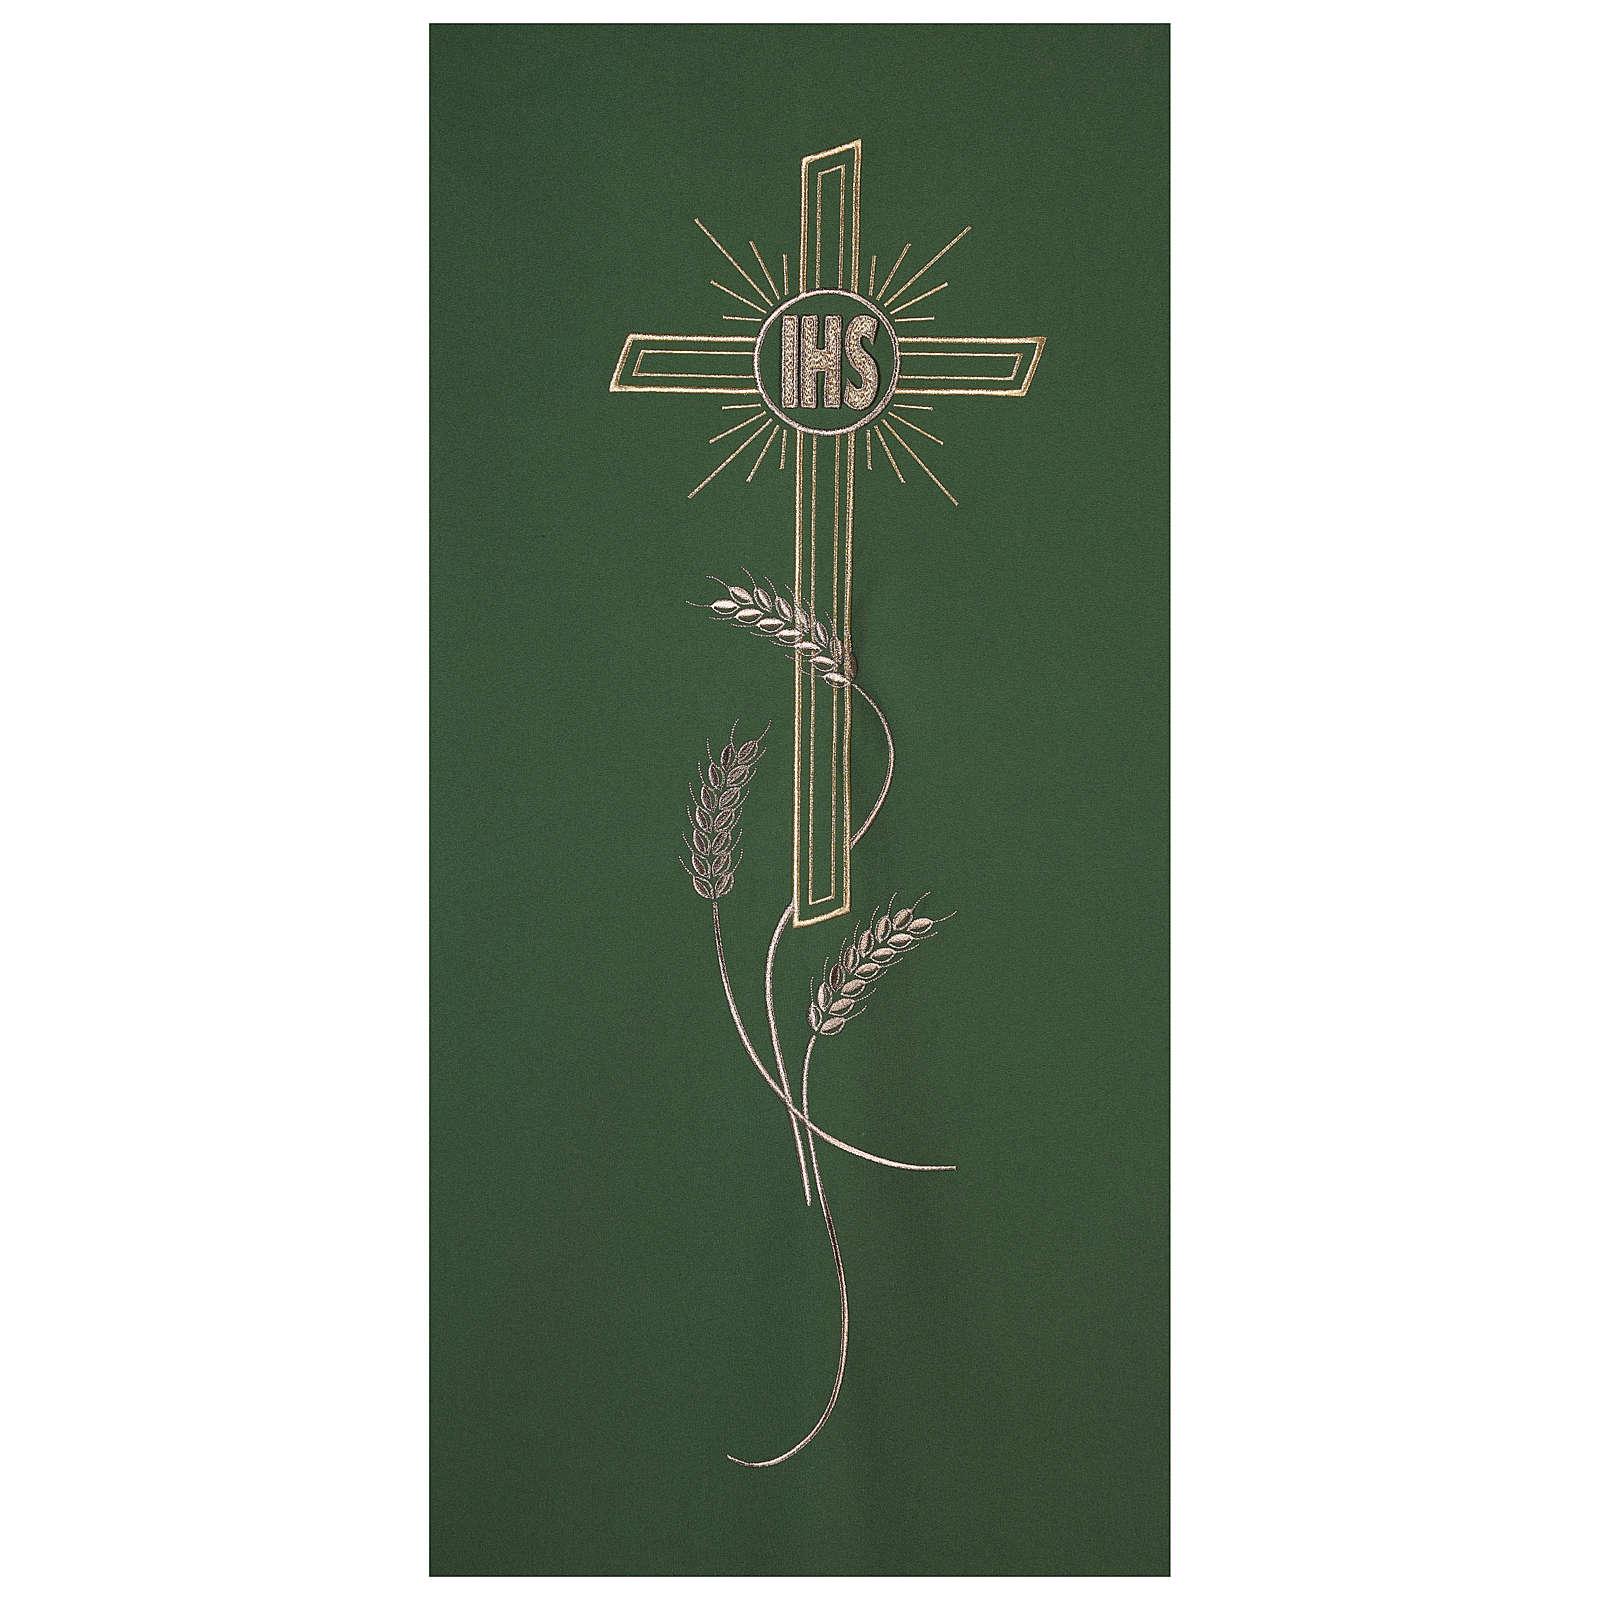 Véu ambão bordado IHS cruz e trigo 4